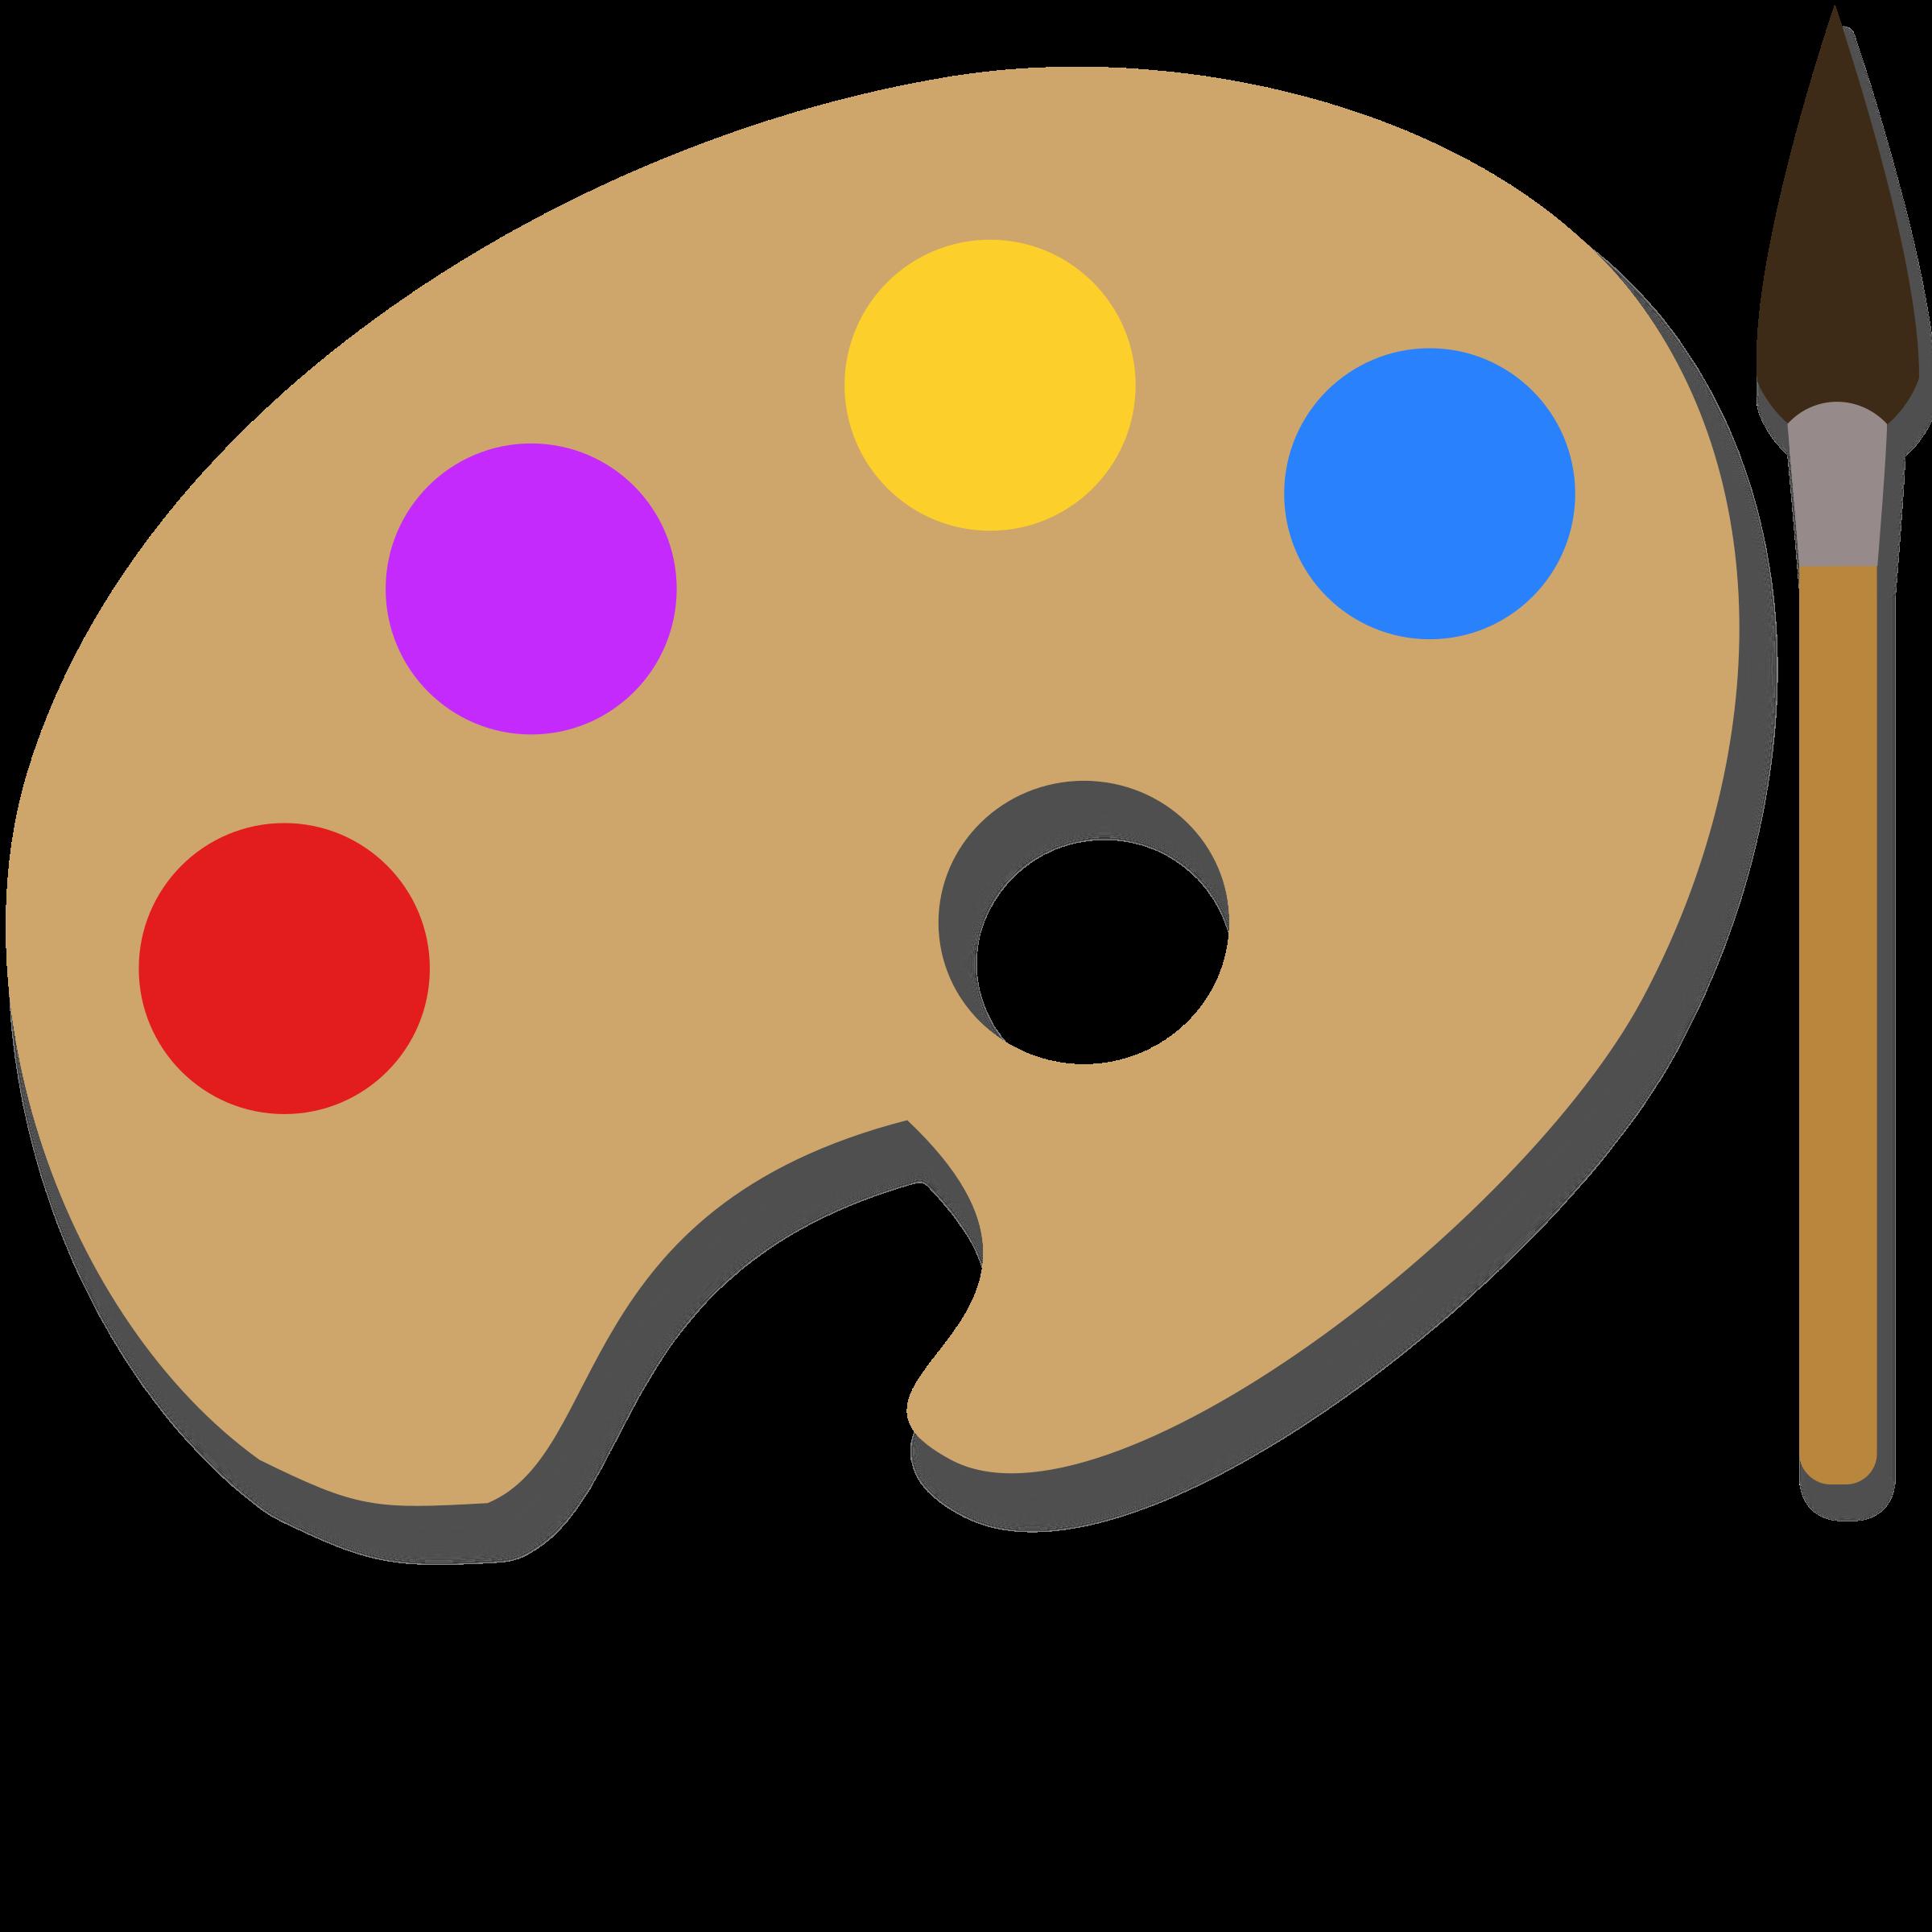 Artist palet clipart clip transparent download Art Palette Clipart | Free download best Art Palette Clipart on ... clip transparent download